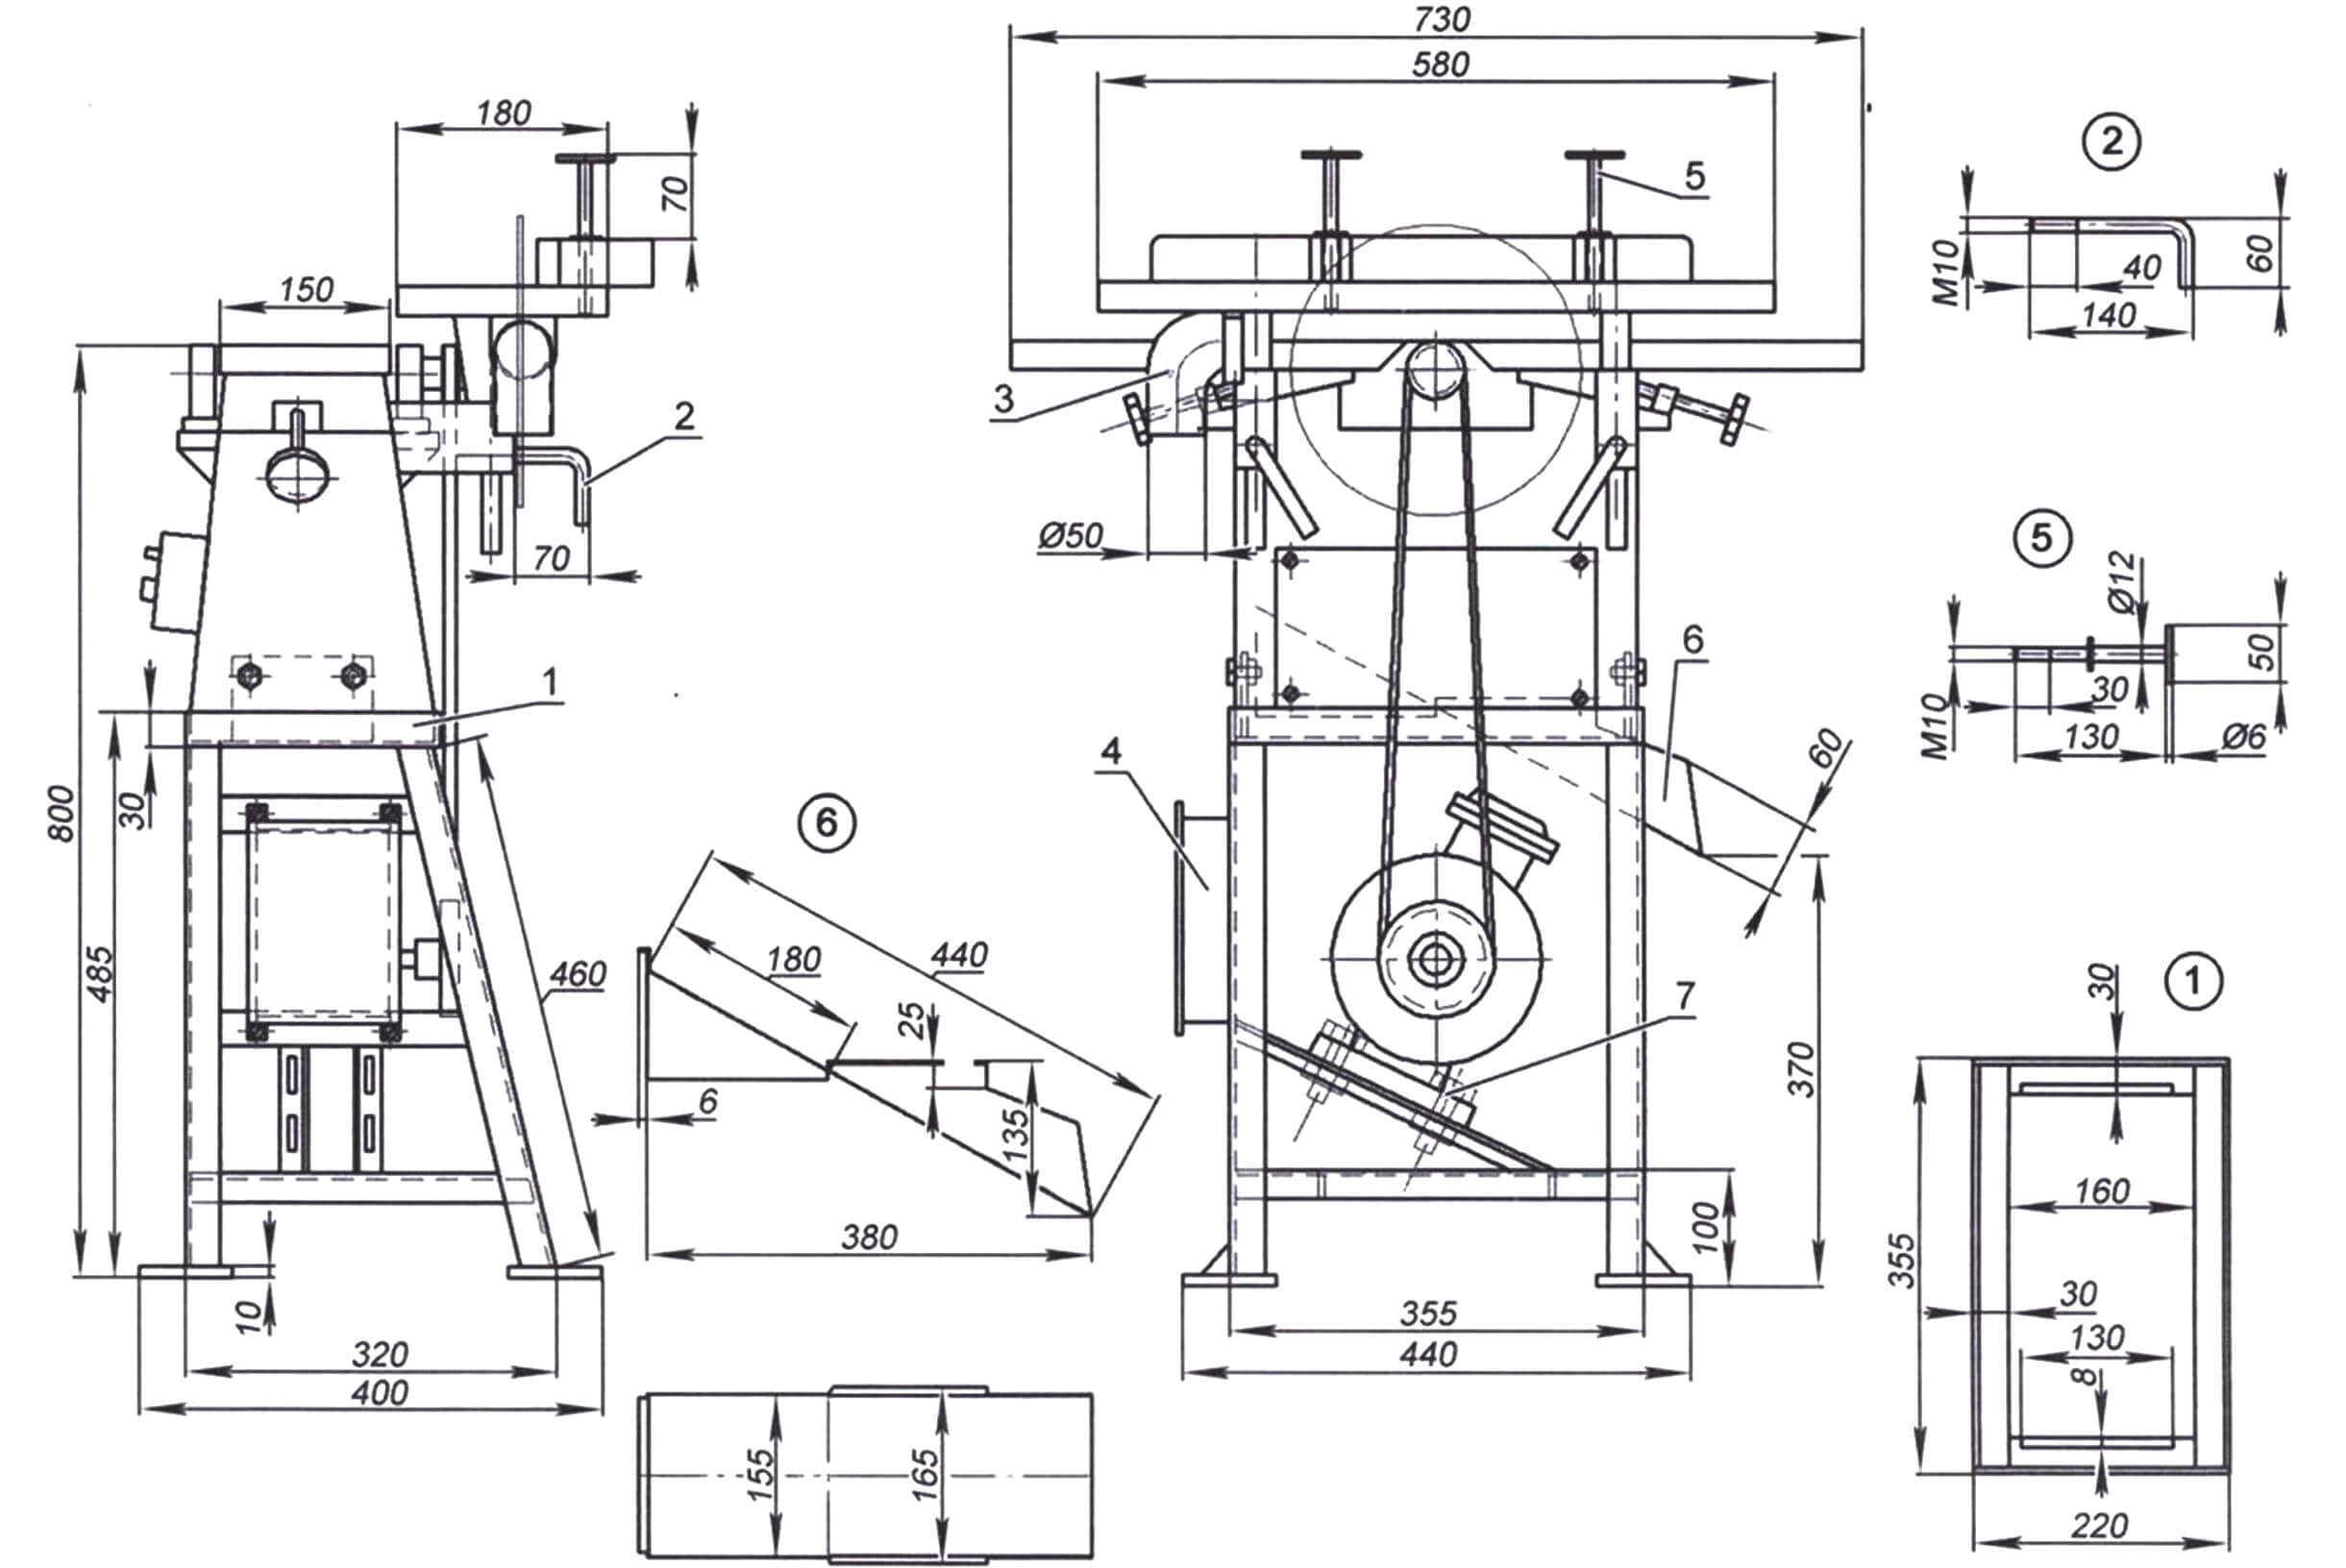 Чертеж модернизированного станка ФПШ-5М с основными размерами: 1 - площадка для станины станка в сборе; 2 - болт зажима пильного стола; 3 - пылеотсос; 4 - блок конденсаторов; 5 - болт зажима размерной рейки; 6 - лоток стружкосборника; 7 - салазки электродвигателя